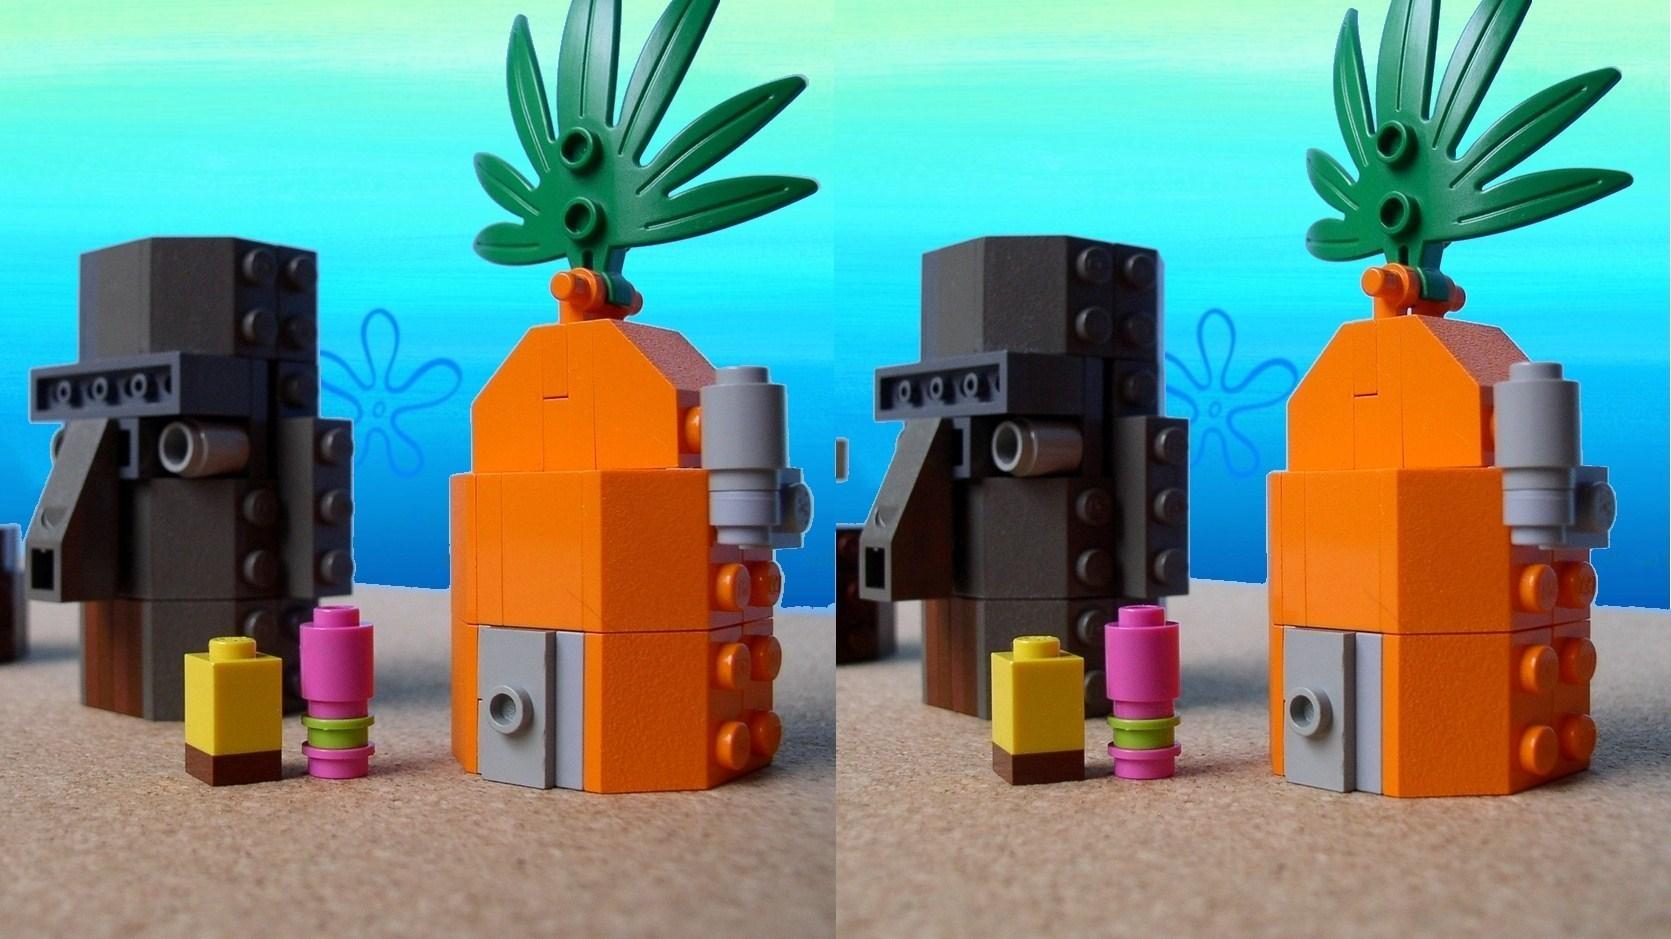 Background image bottom 0 - Lego Spongebob Squarepants Images Little Lego Bikini Bottom Hd Wallpaper And Background Photos